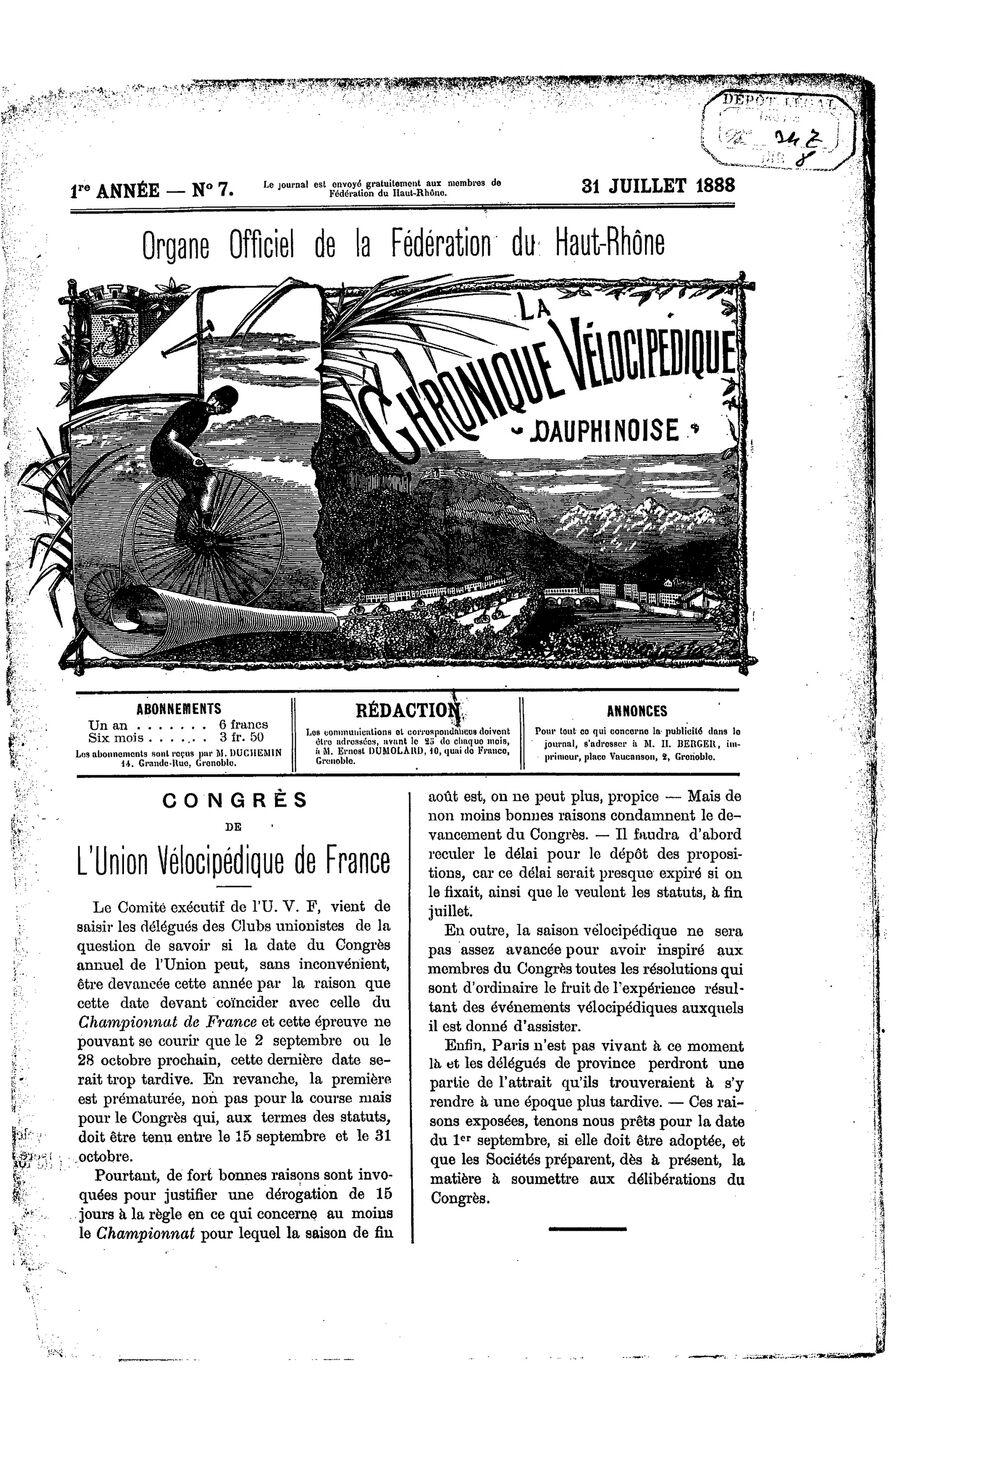 La Chronique vélocipédique dauphinoise / l'imprimeur-gérant b : H. Berger - 31 juillet 1888